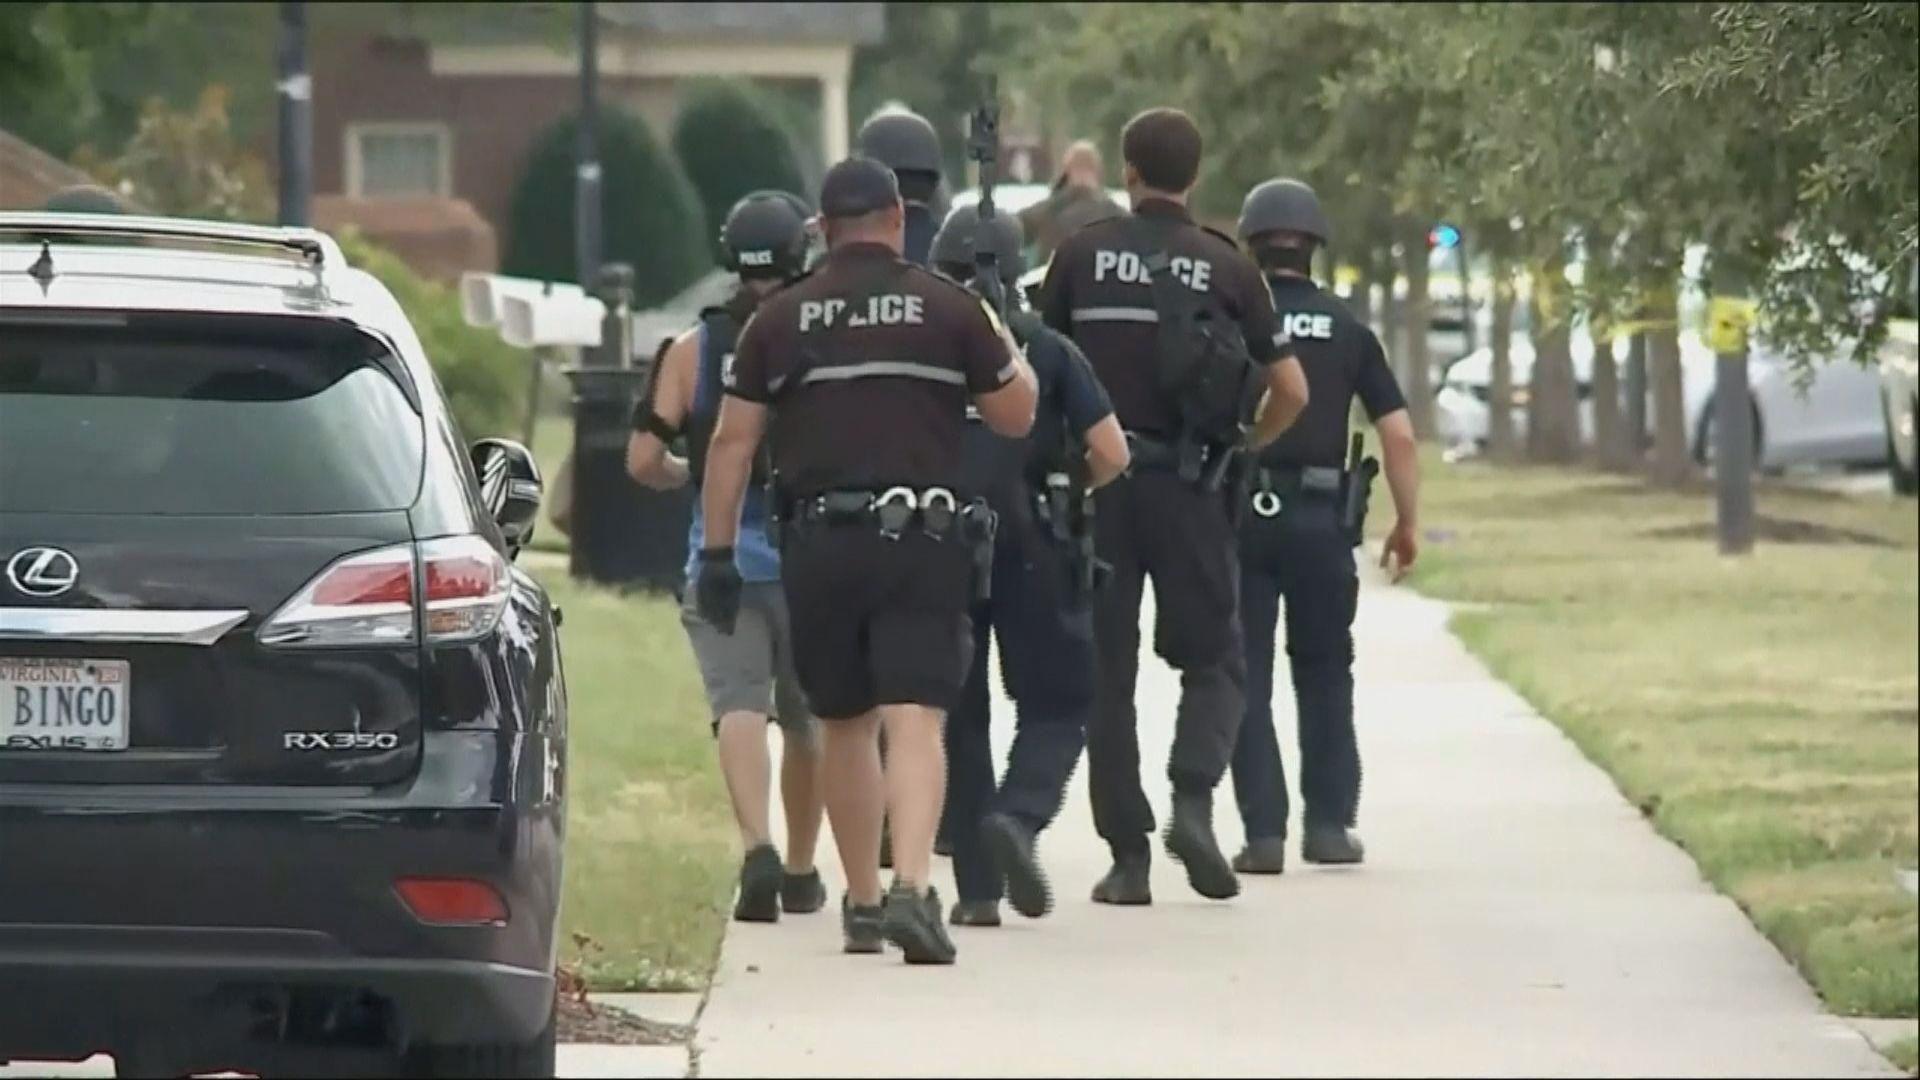 美國弗吉尼亞州槍擊案多人死傷